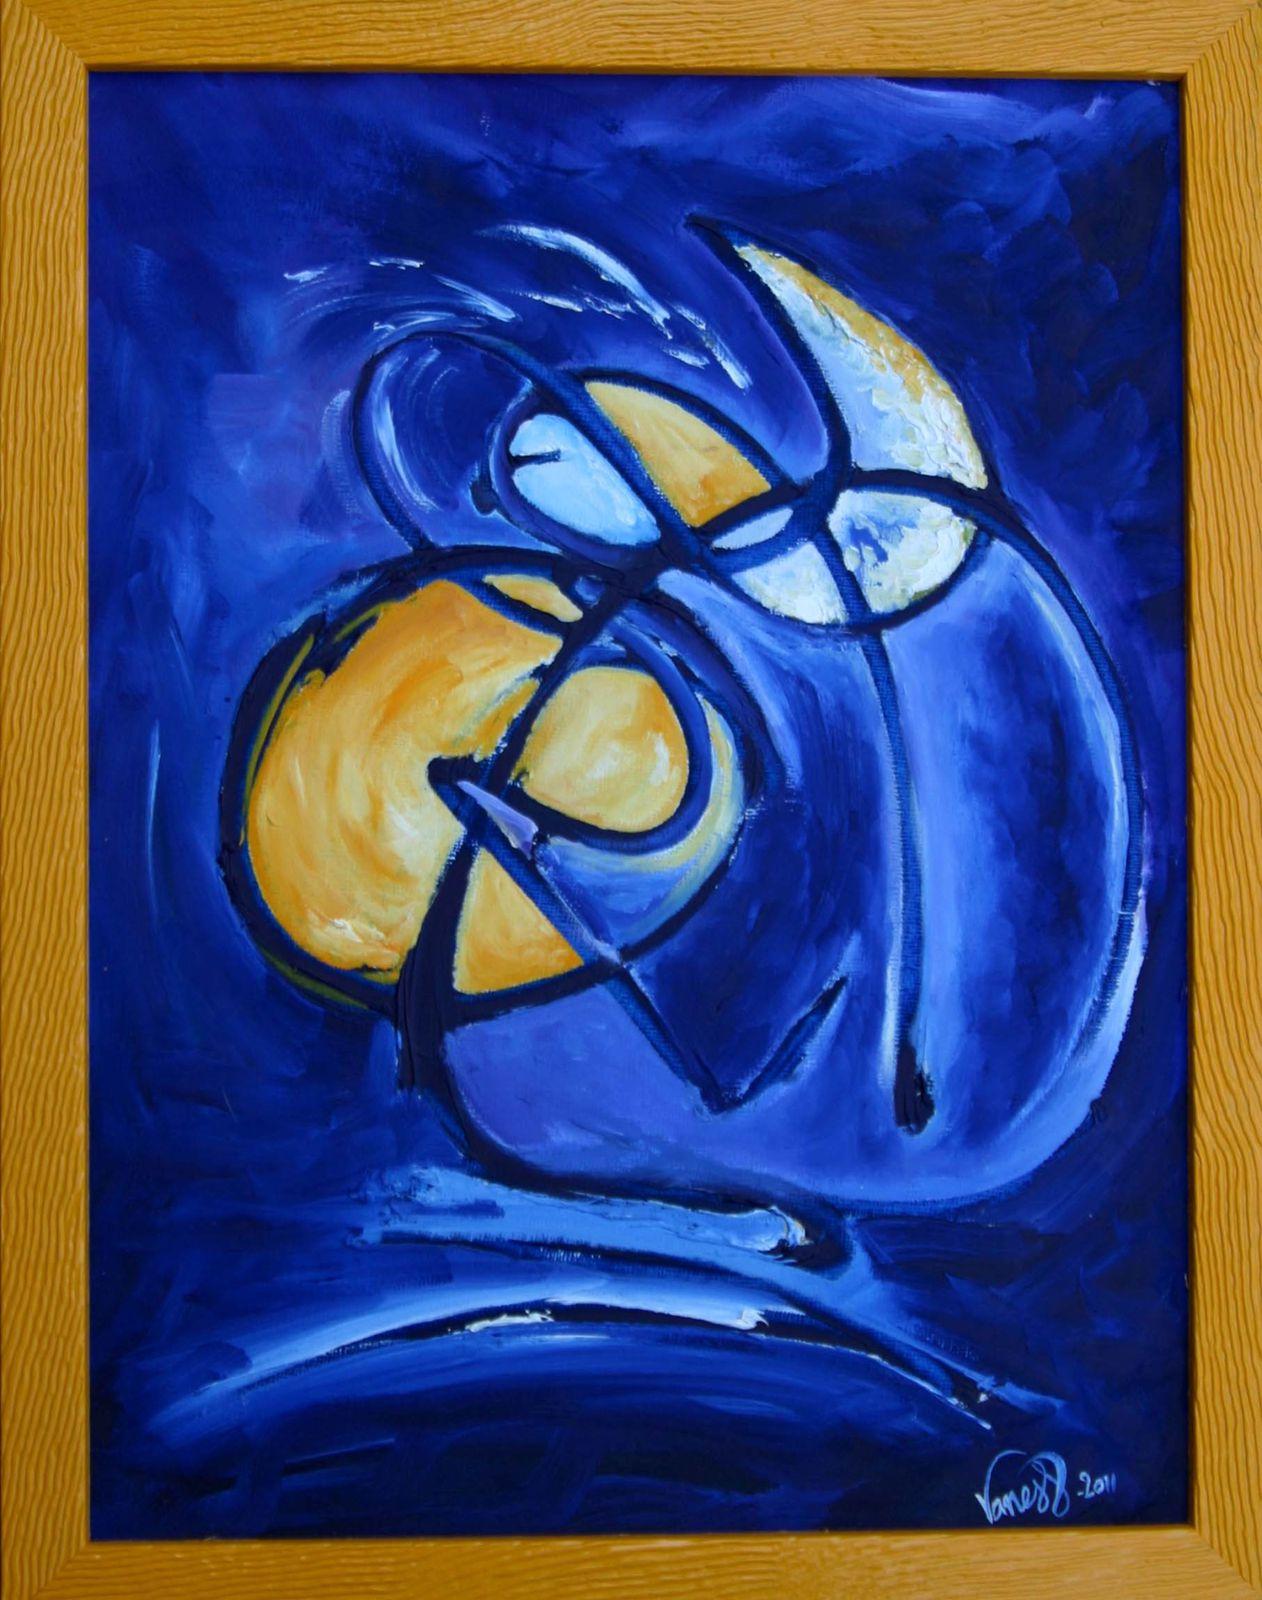 huile sur toile et pastels sur papier, petits et grands formats